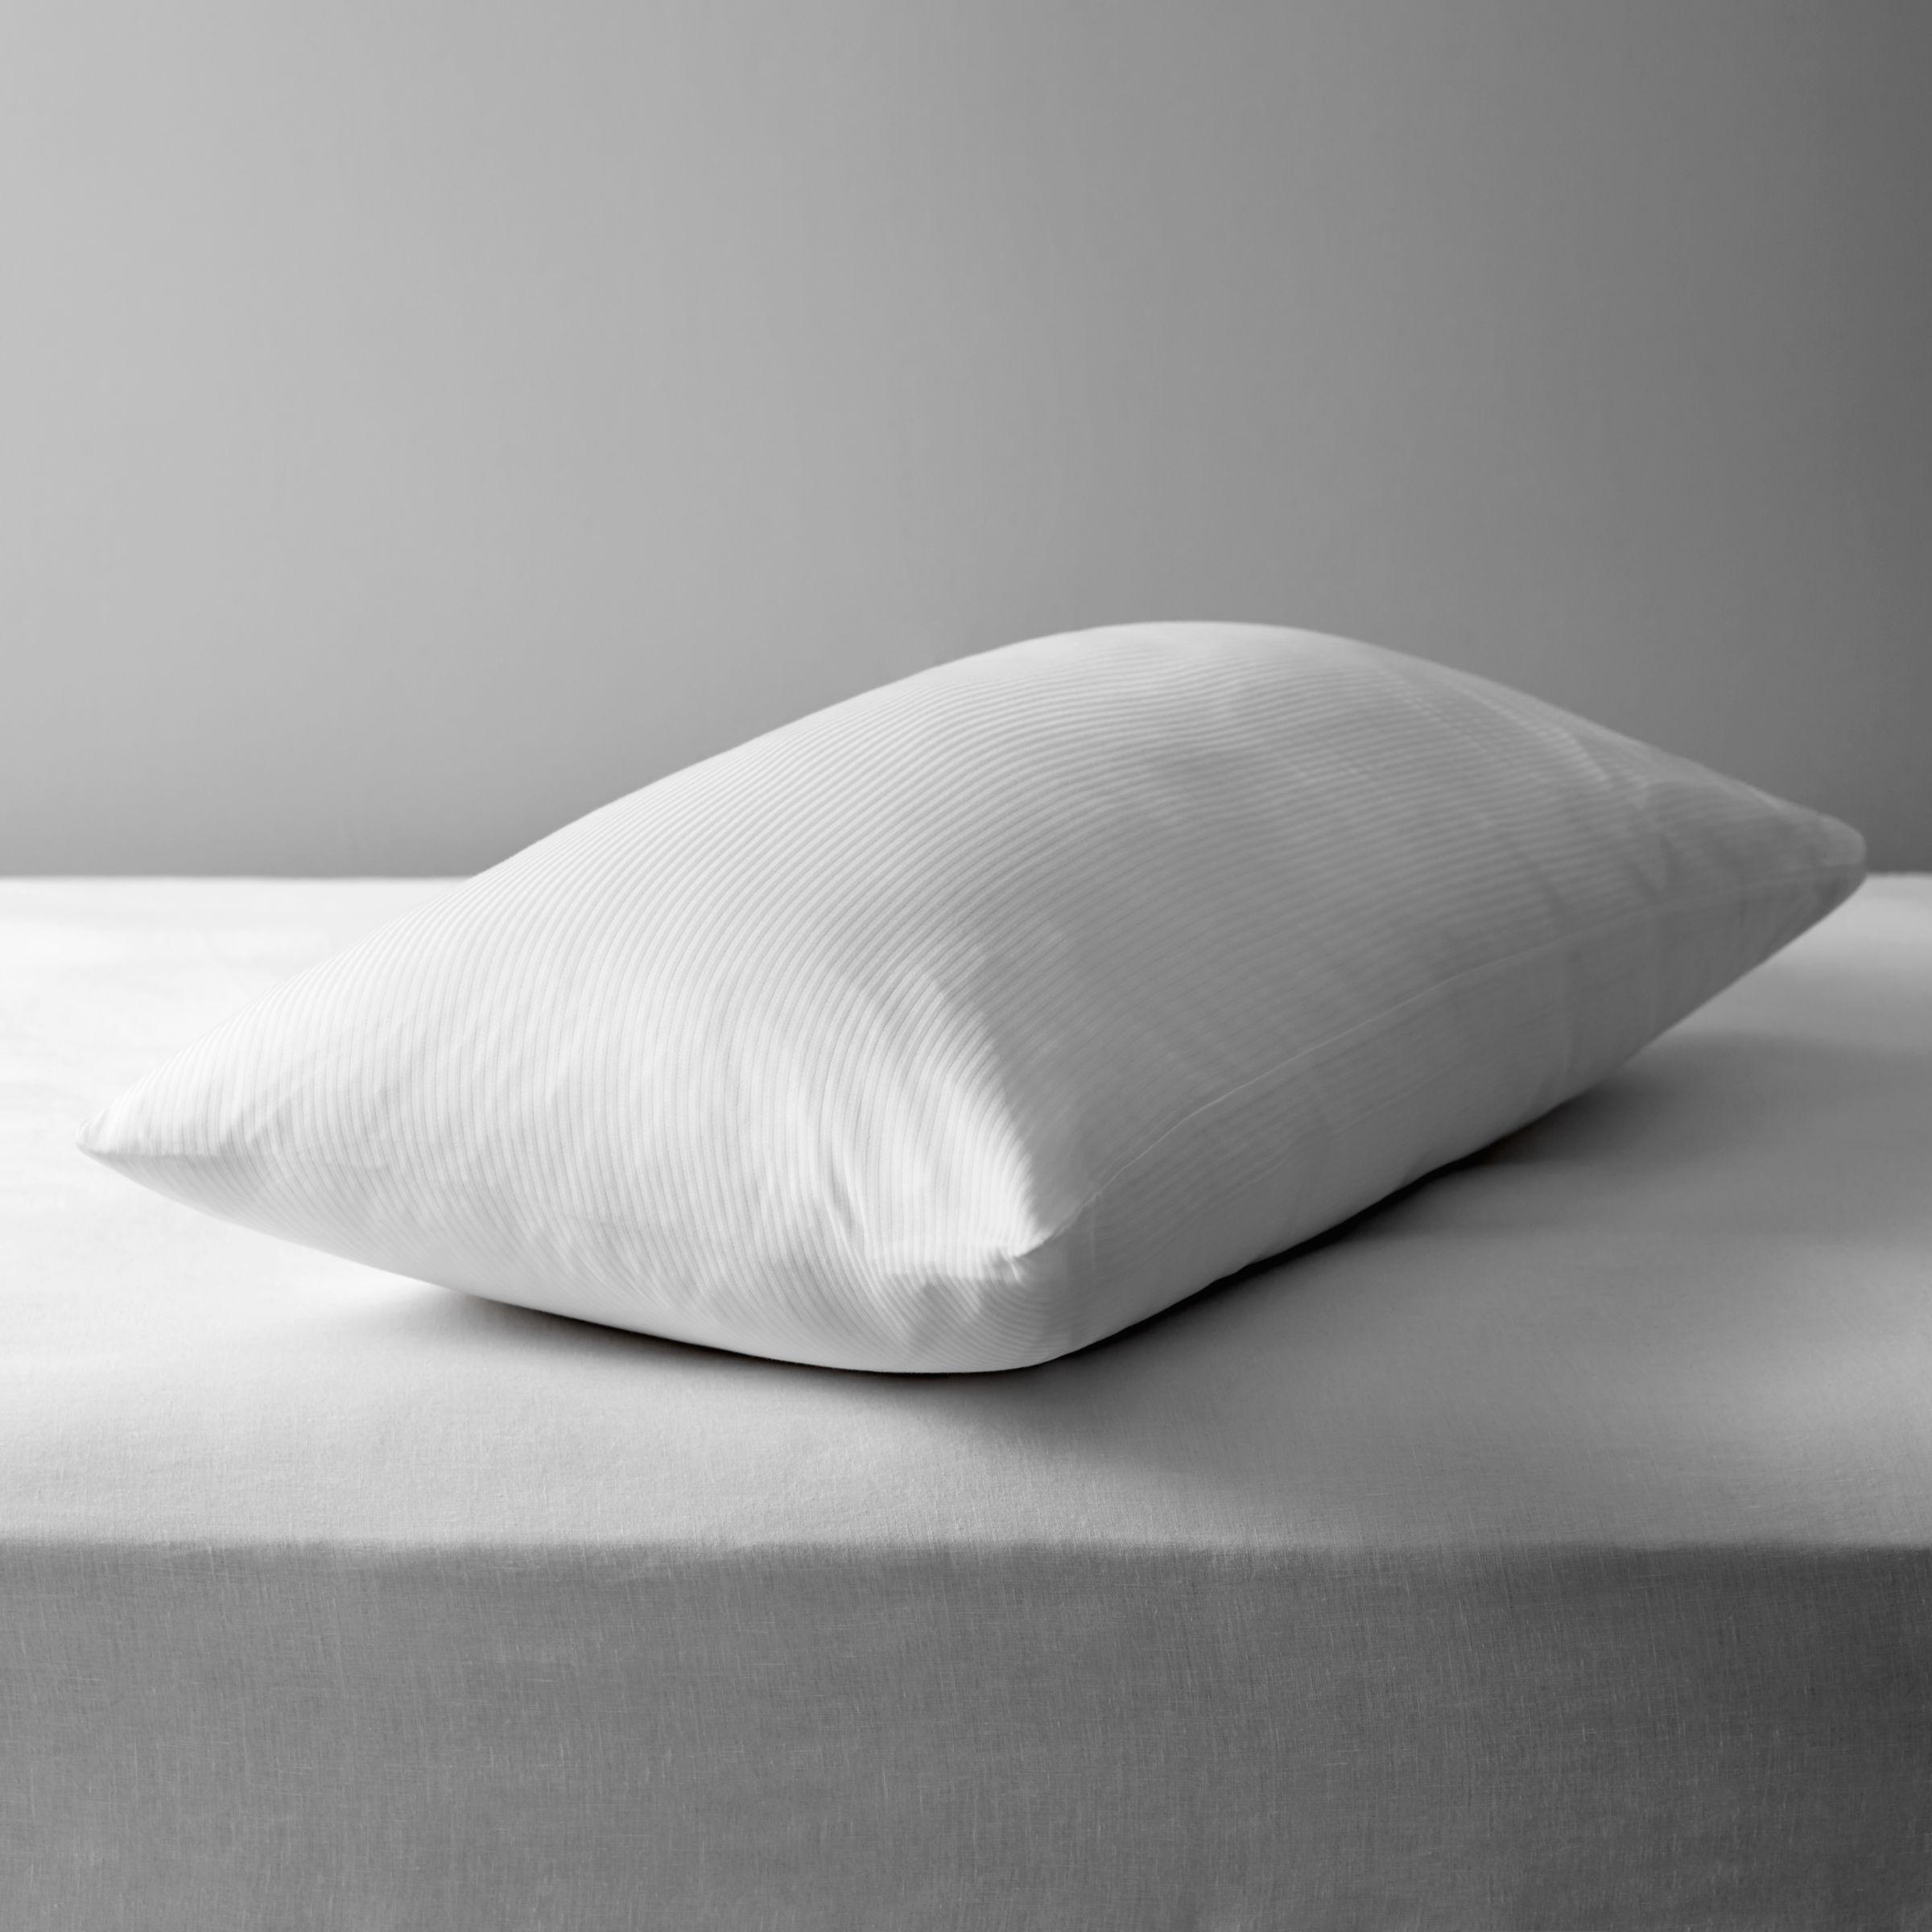 John Lewis & Partners Natural Cotton Kingsize Pillow Liners, Pair